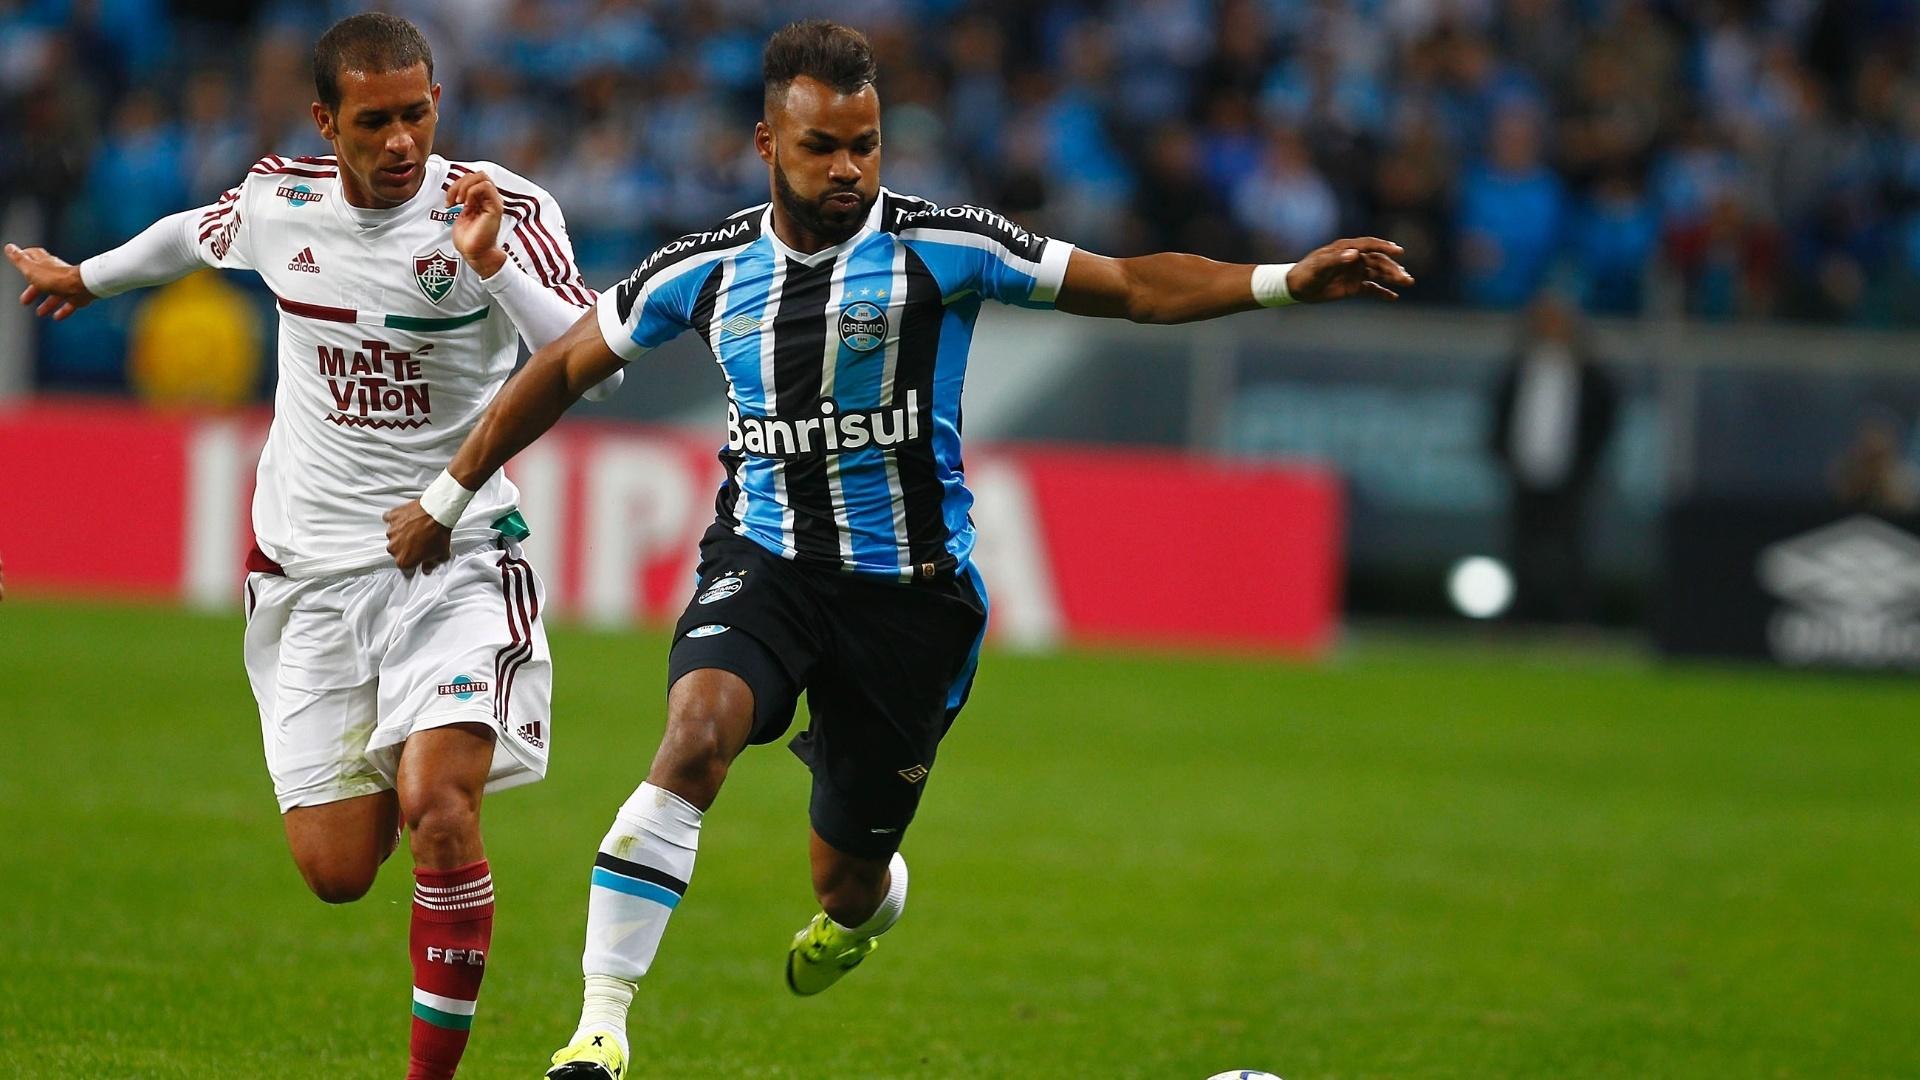 Atacante Fernandinho, do Grêmio, briga pela bola no jogo de quartas de final